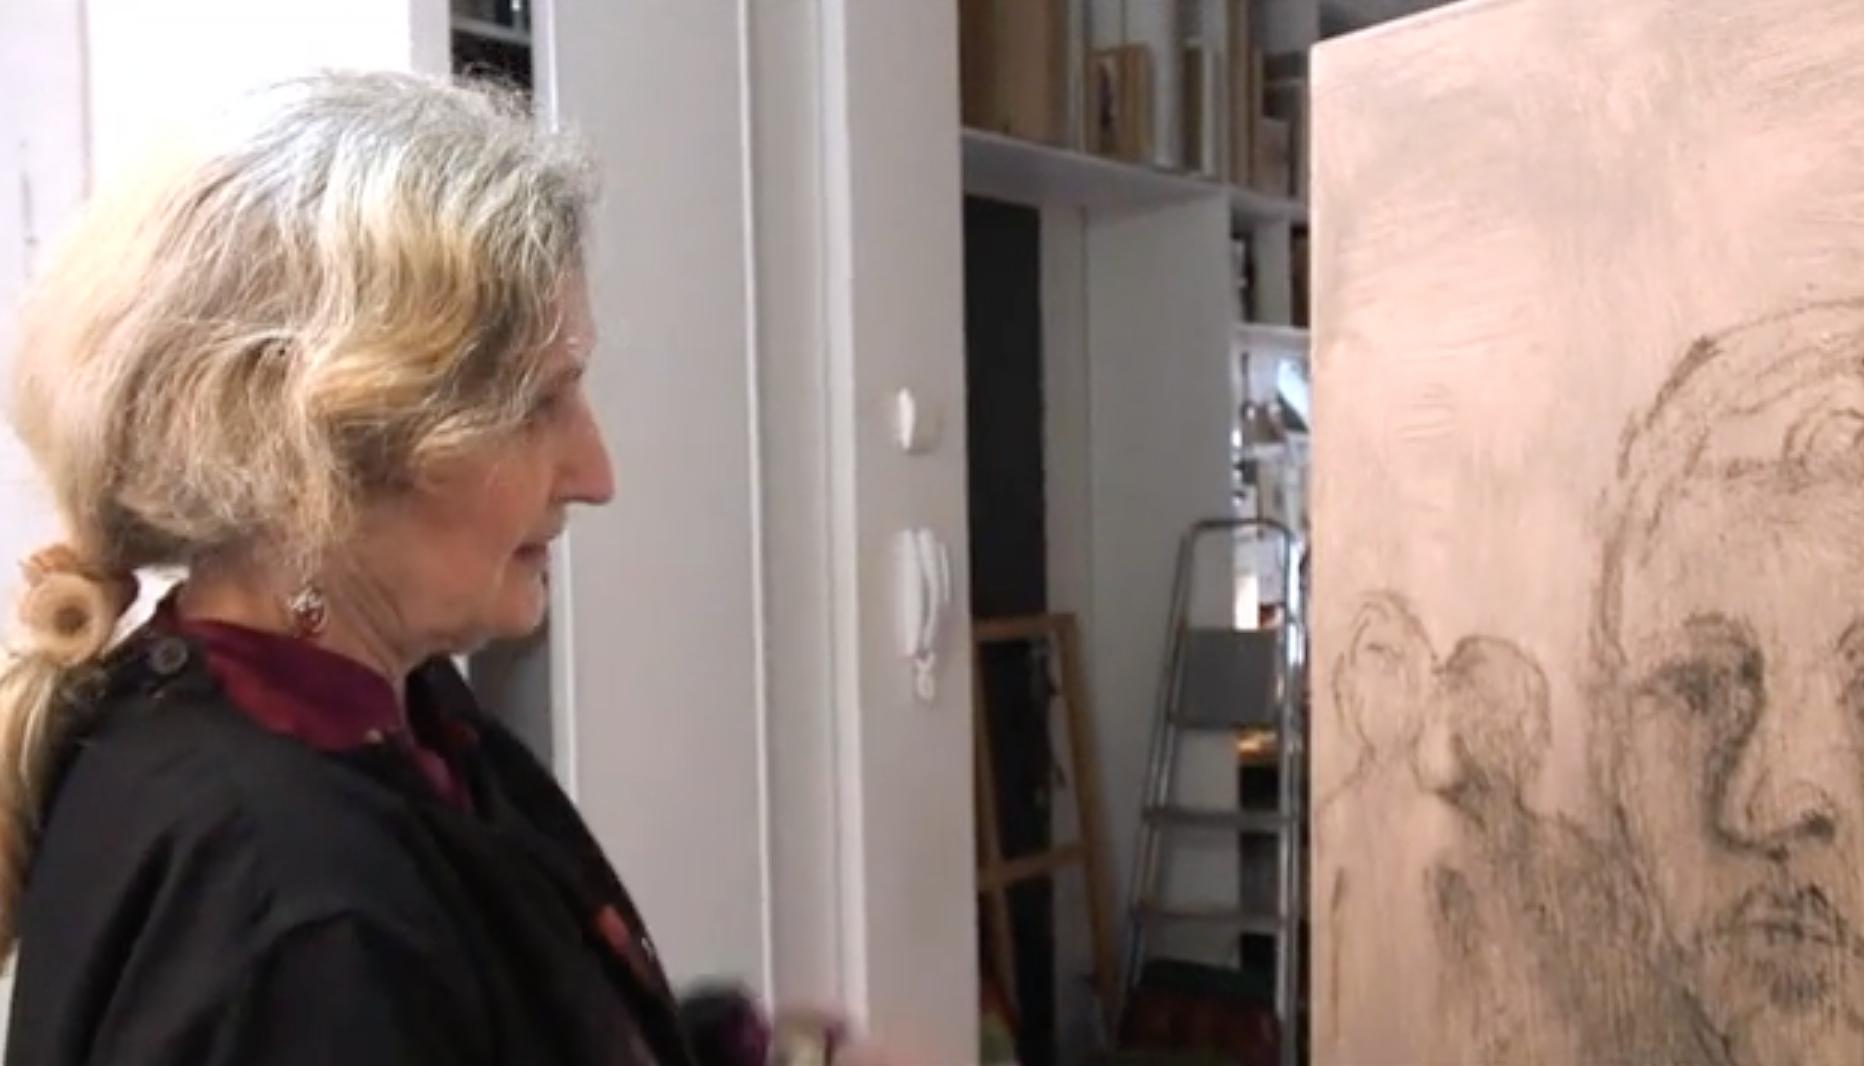 Elisabeth Walcker, Orevoproduction 2015